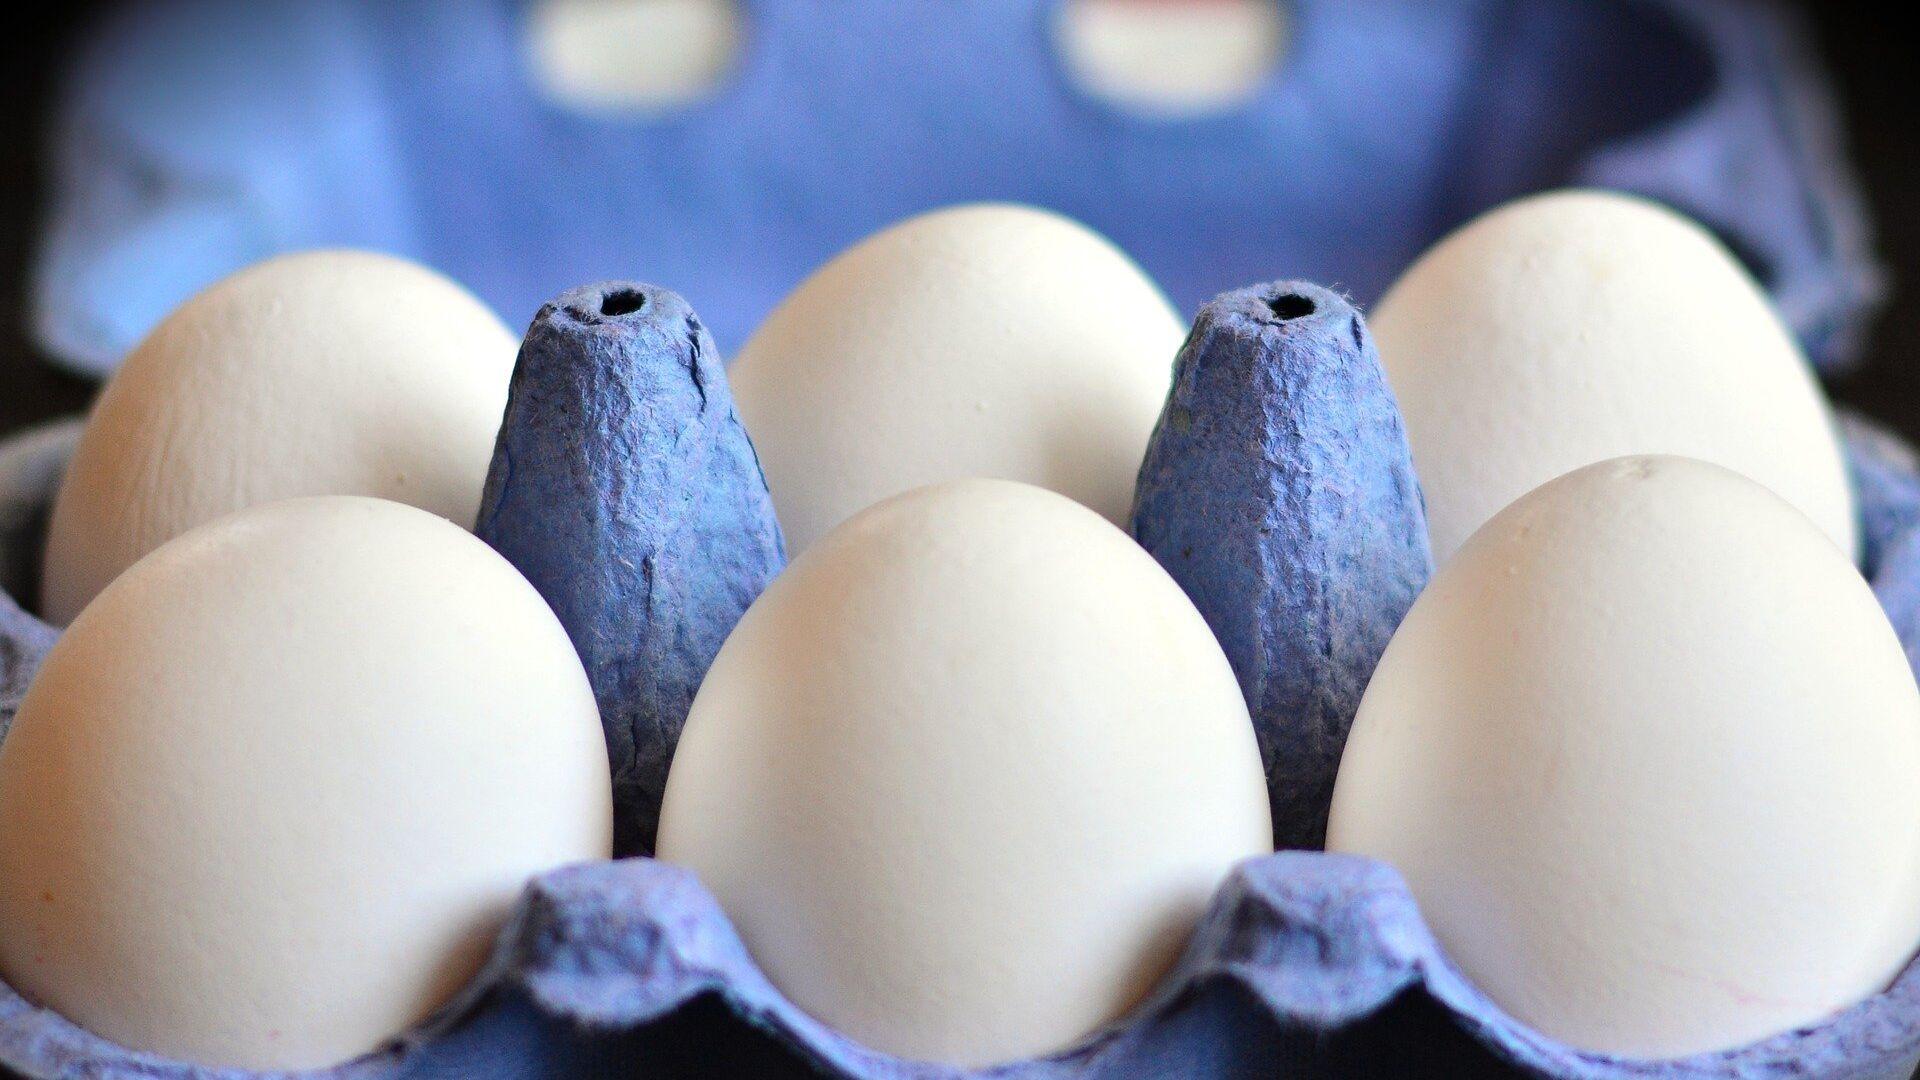 Αυγά σε θήκη - Sputnik Ελλάδα, 1920, 23.07.2021